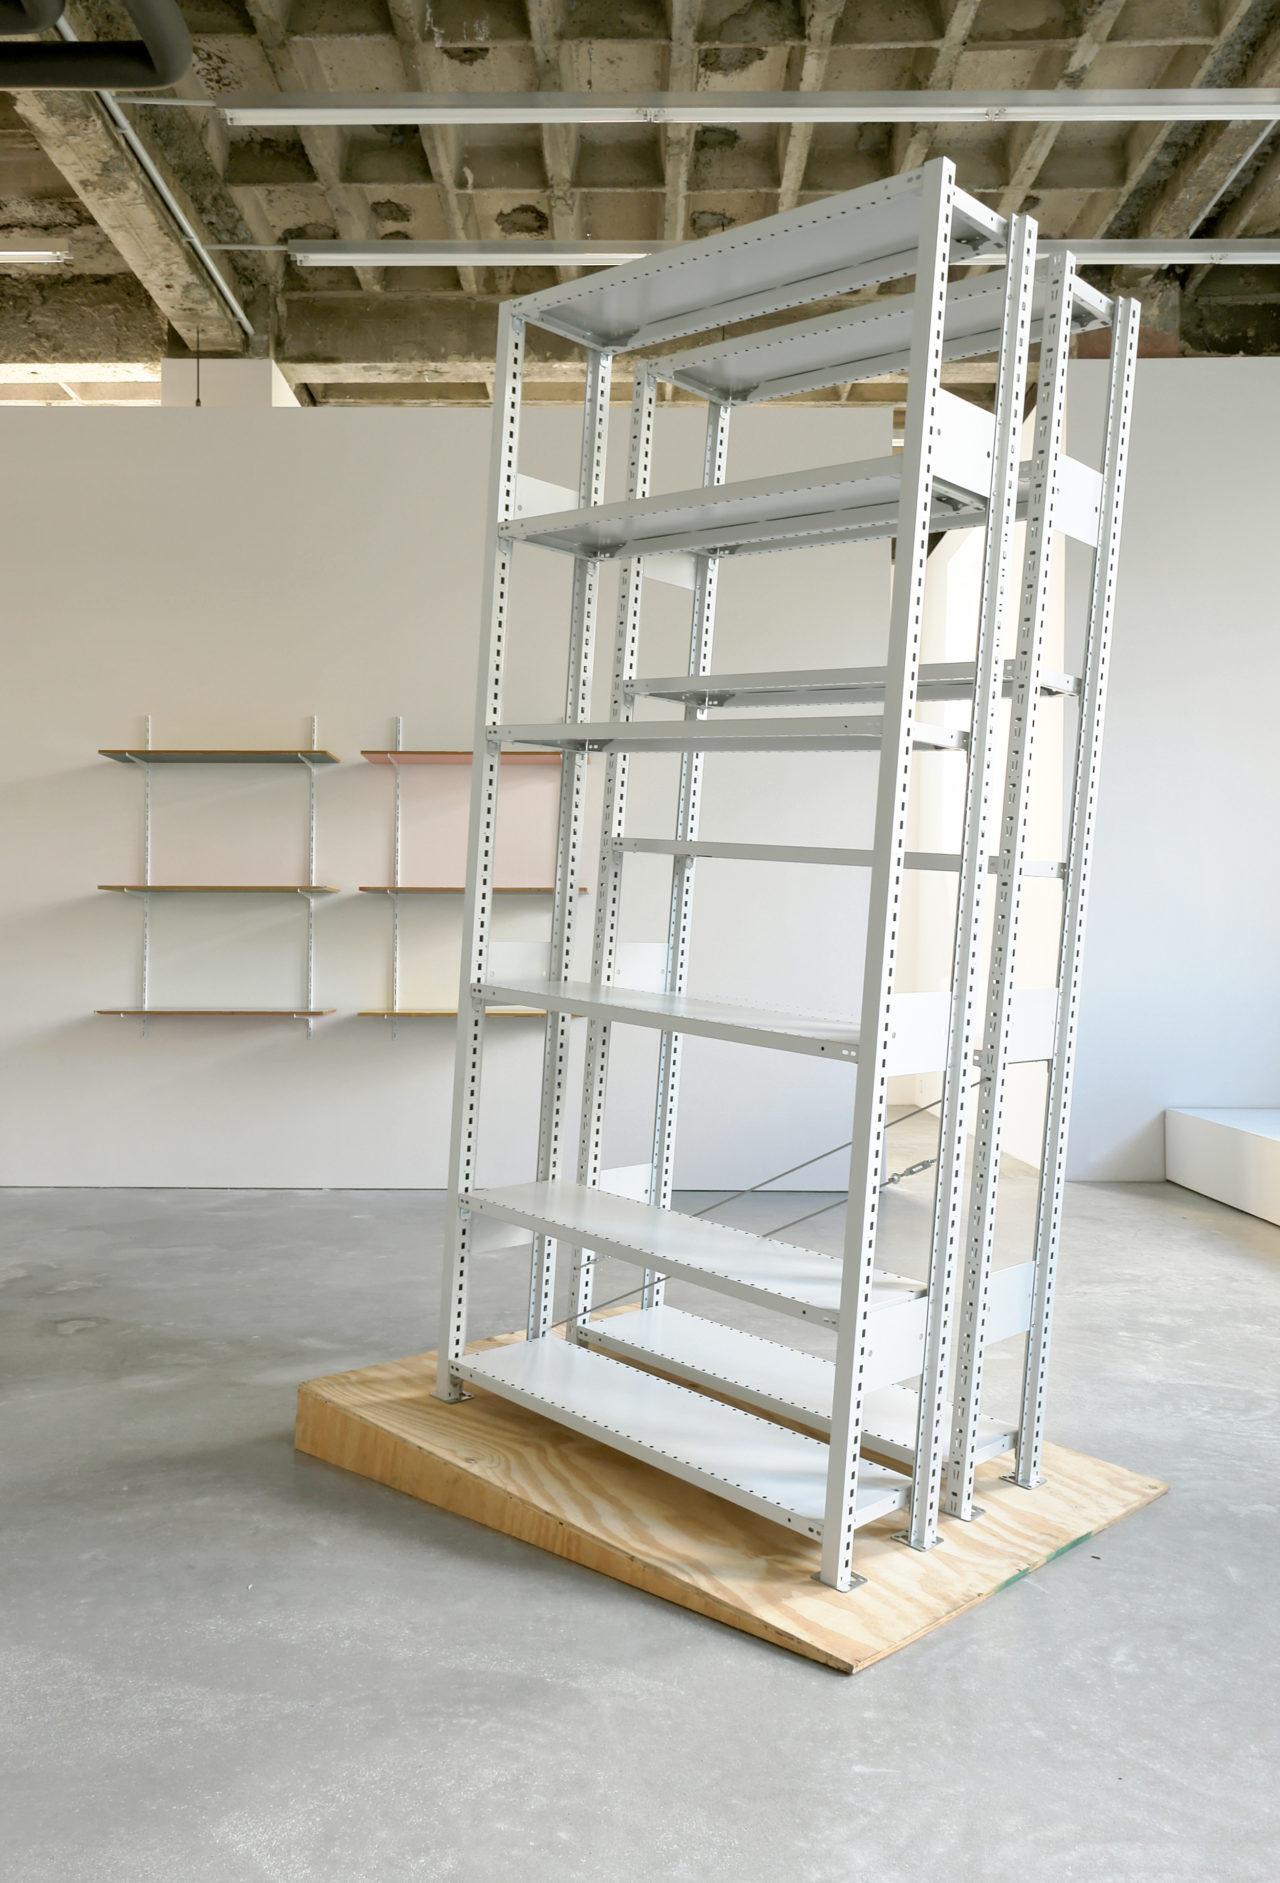 Haegue Yang: Unpacking storage piece, Installationsansicht